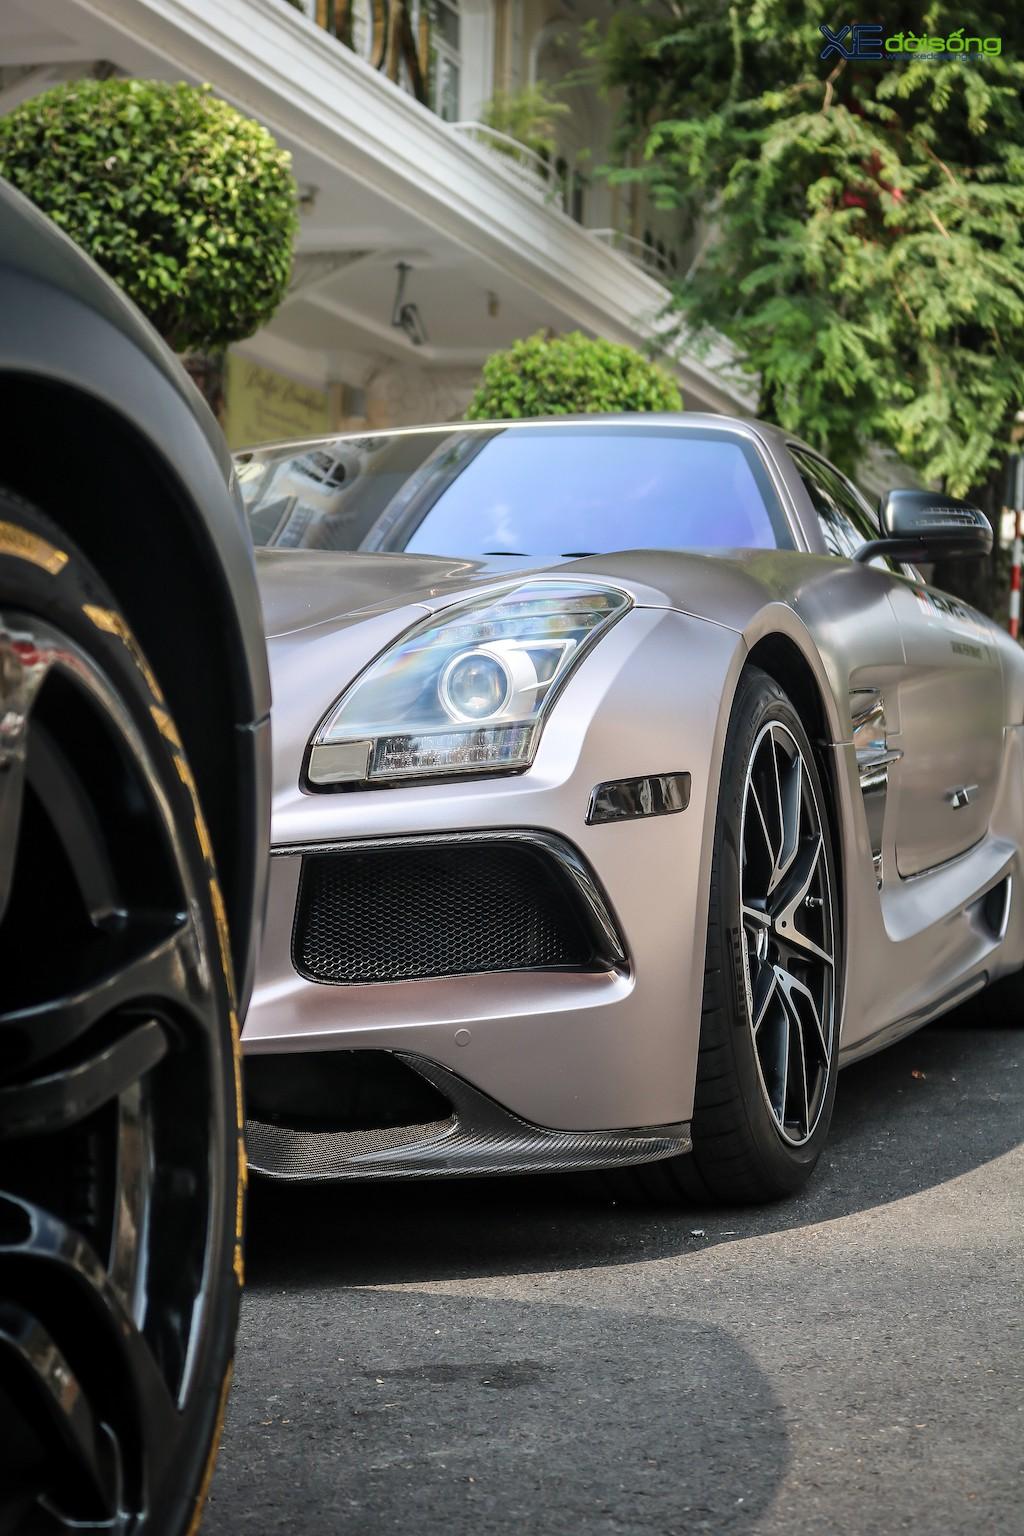 """Siêu xe """"cánh chim"""" Mercedes SLS AMG tại Sài Gòn với nhiều chi tiết mang dấu ấn cá nhân ảnh 12"""